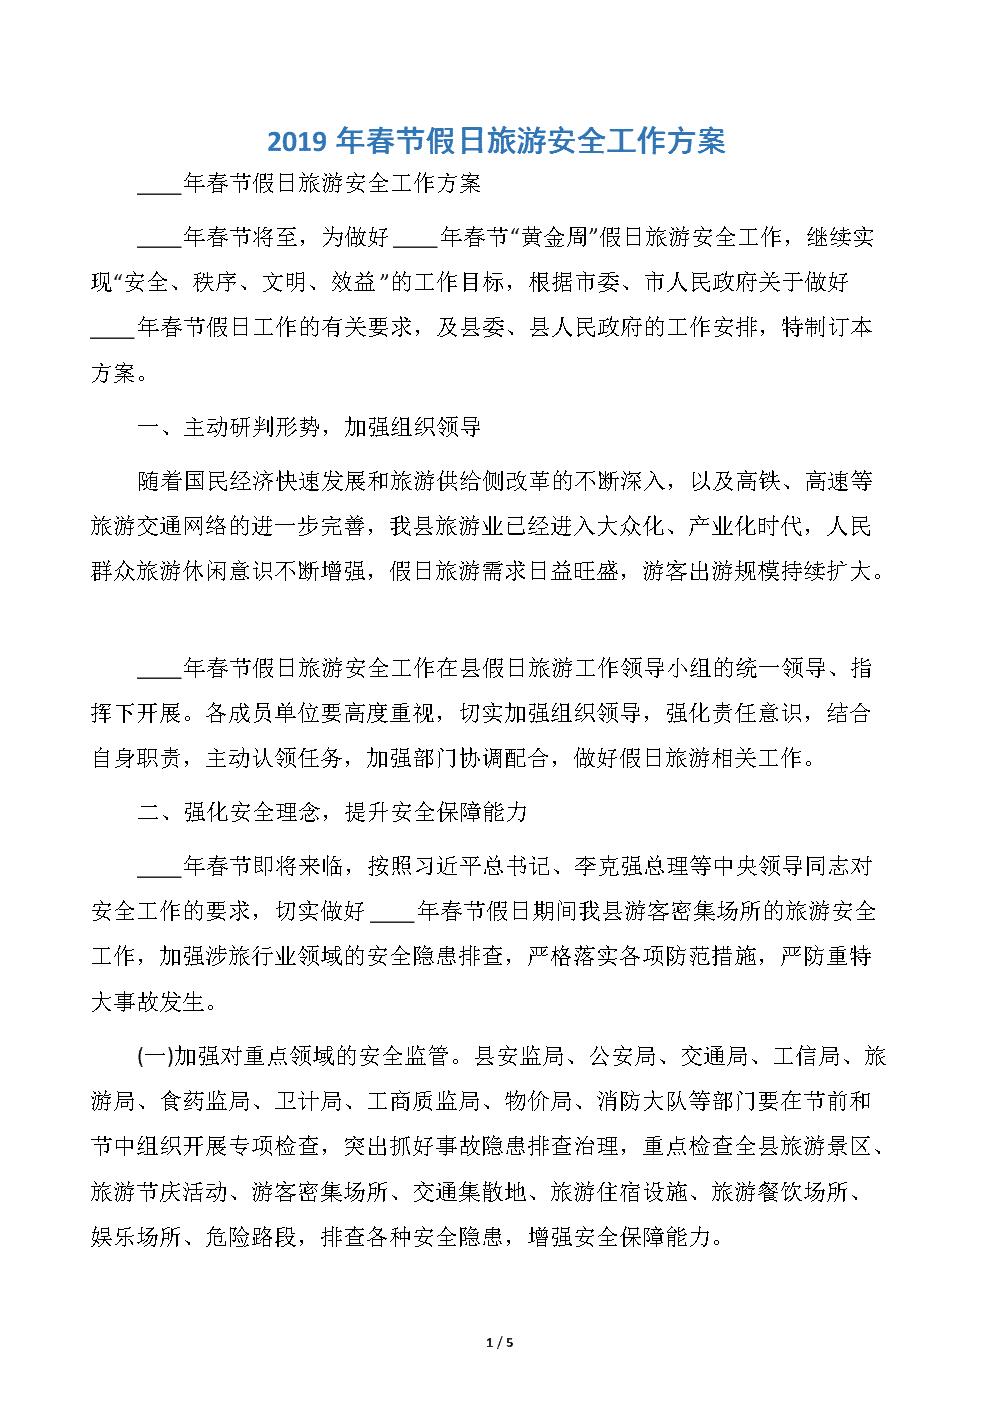 2019年春节假日旅游安全工作方案.docx